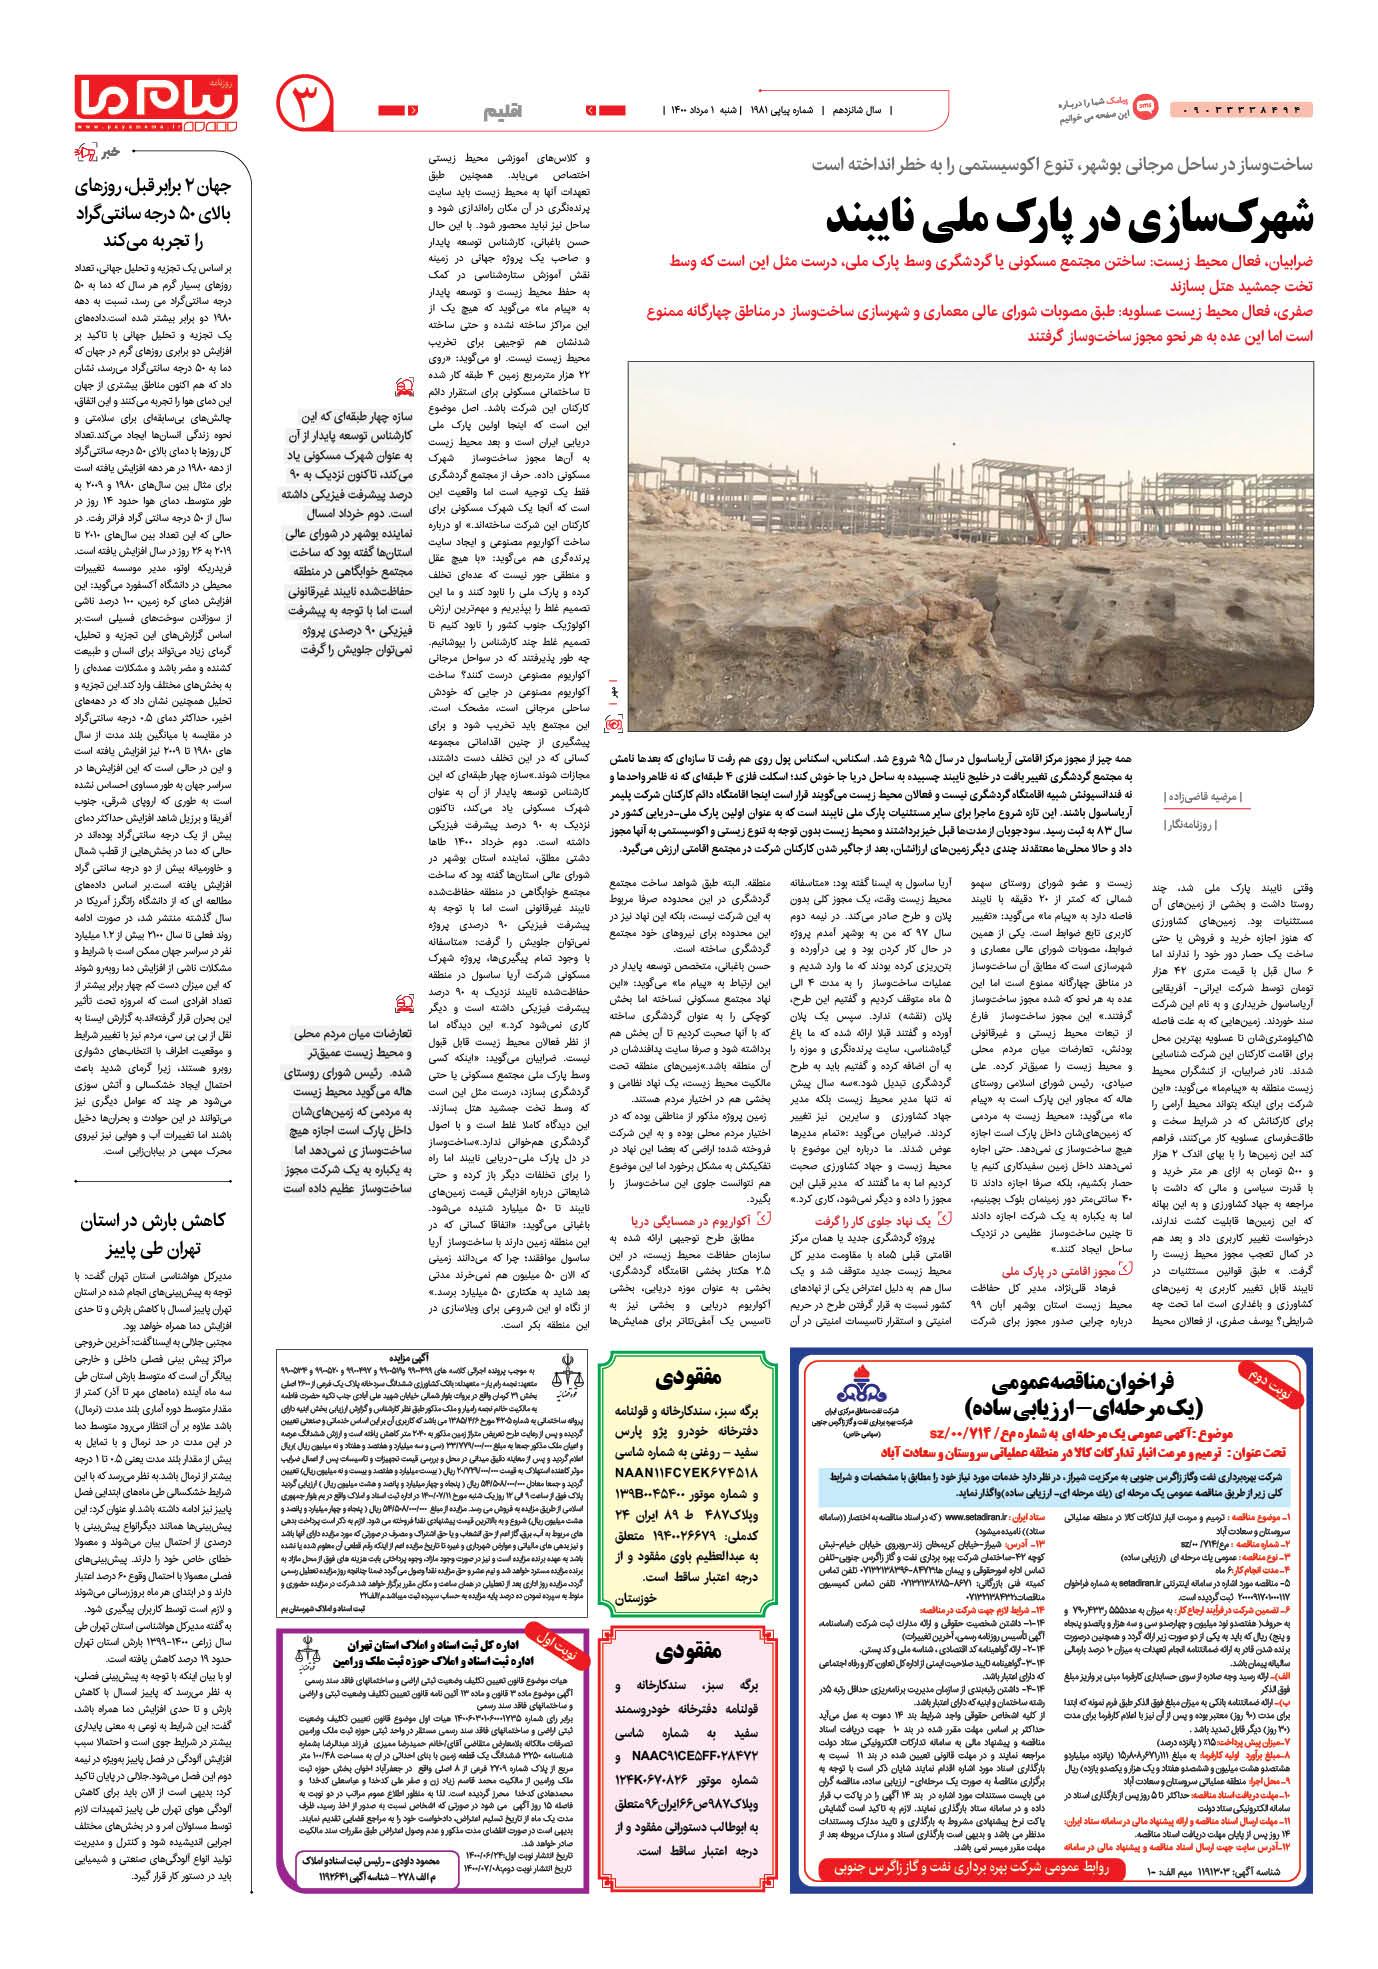 شهر کسازی در پار ک ملی نایبند